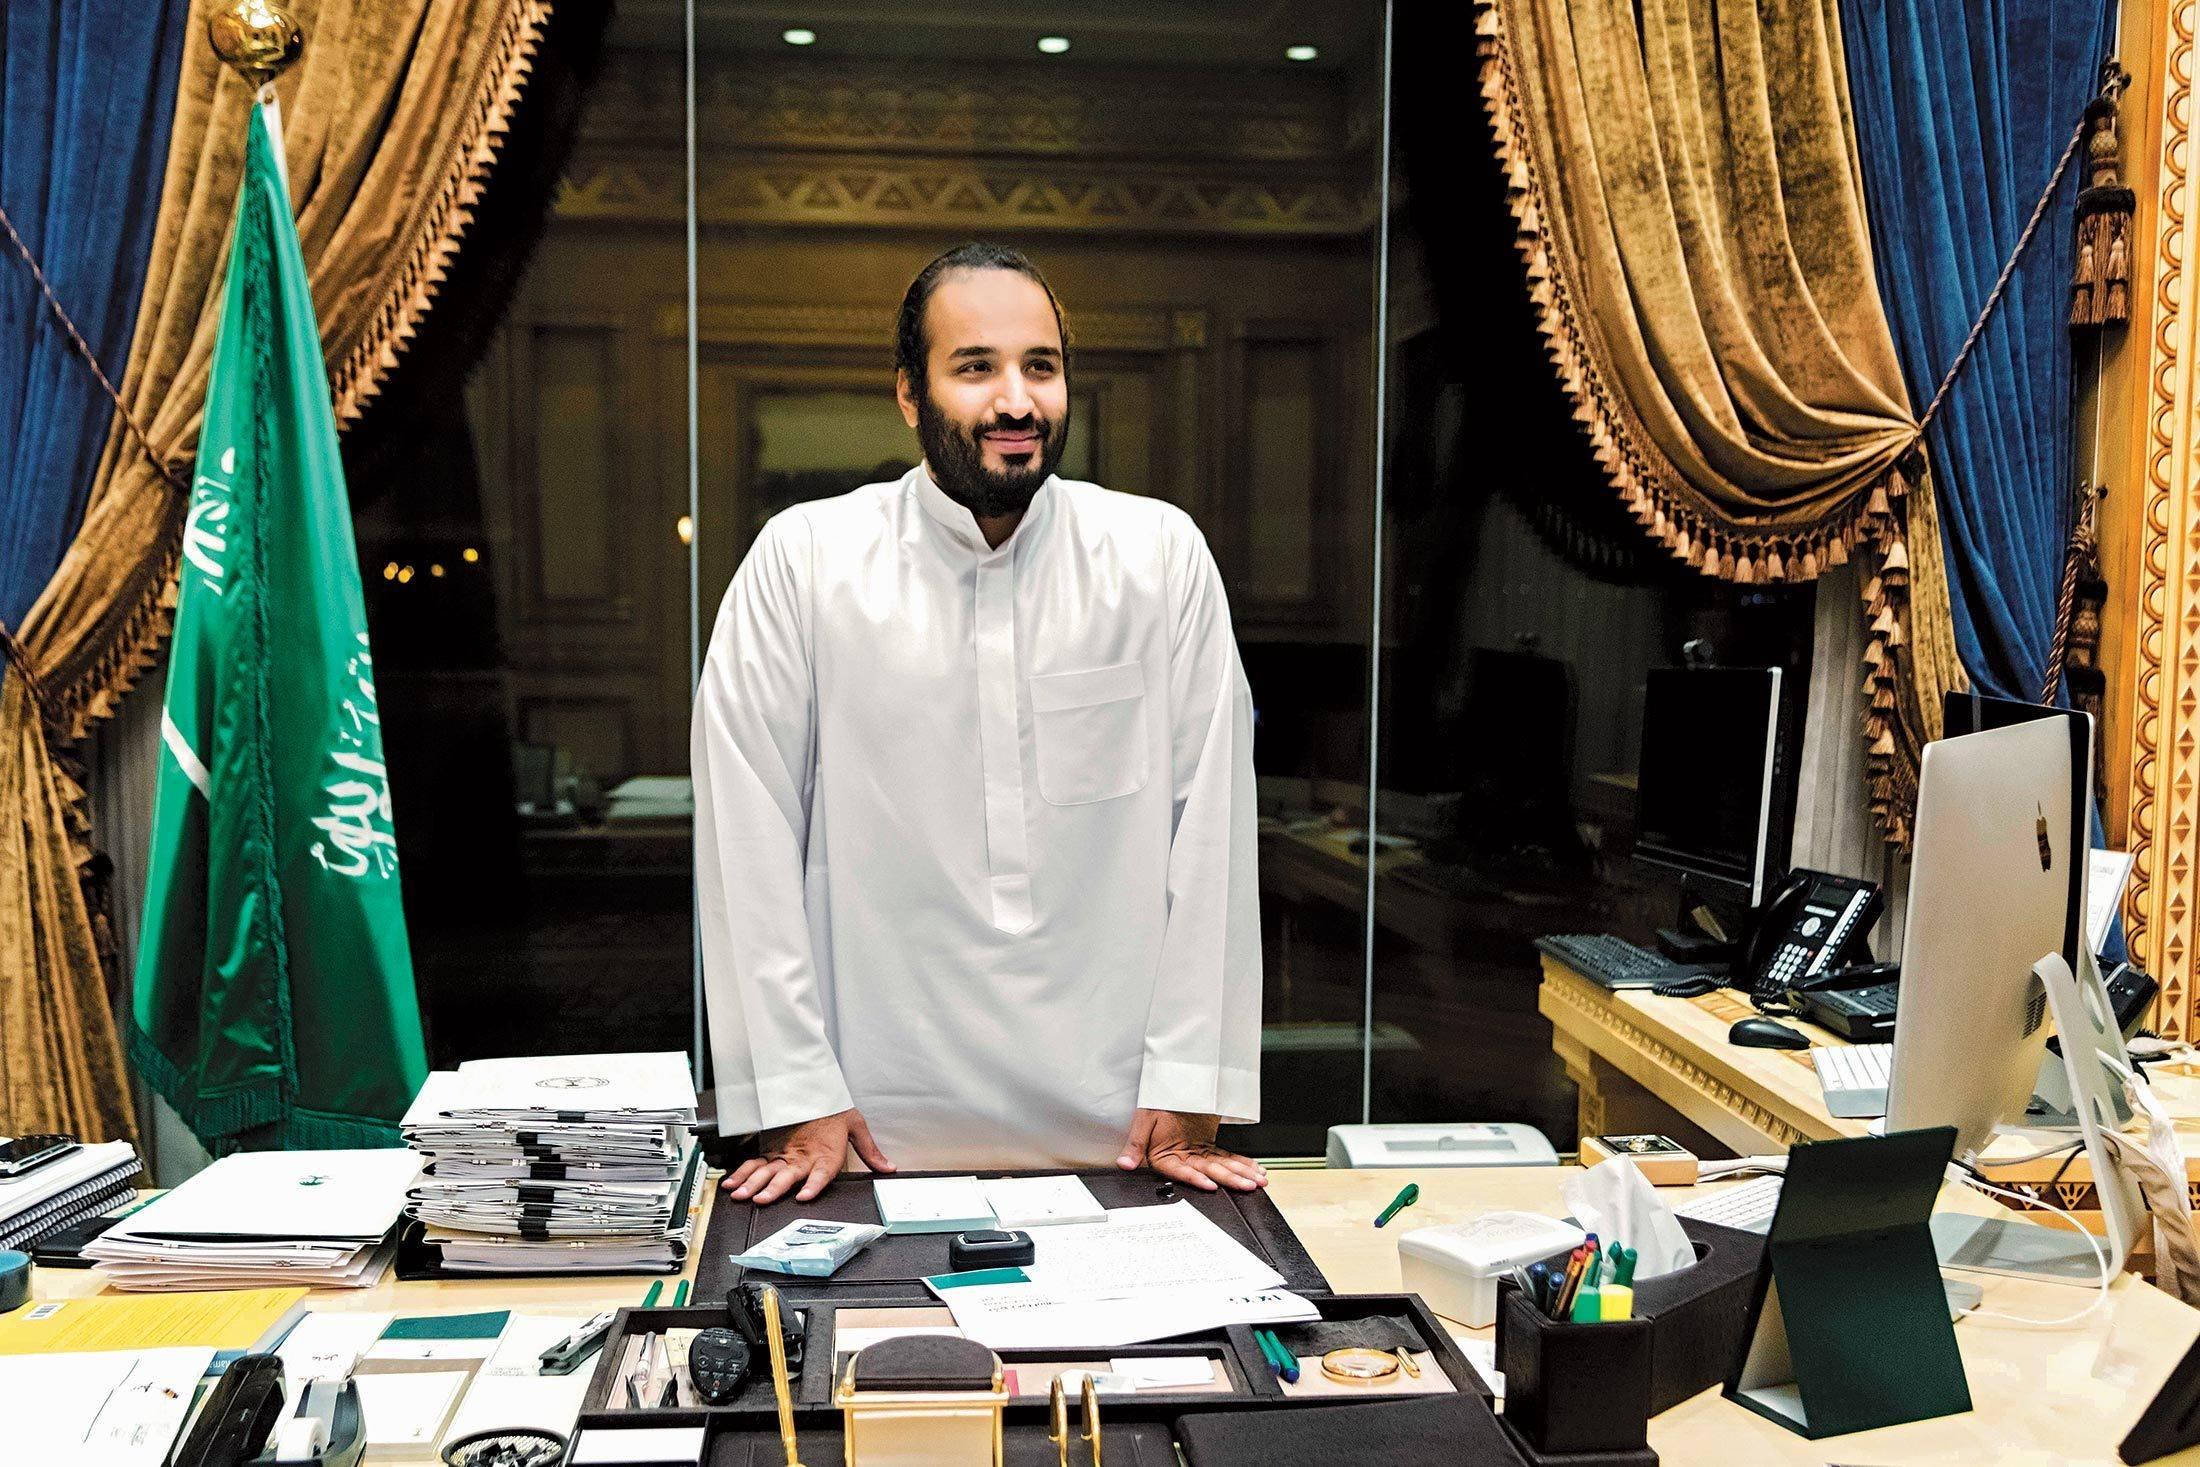 穆罕默德王子 / Bloomberg